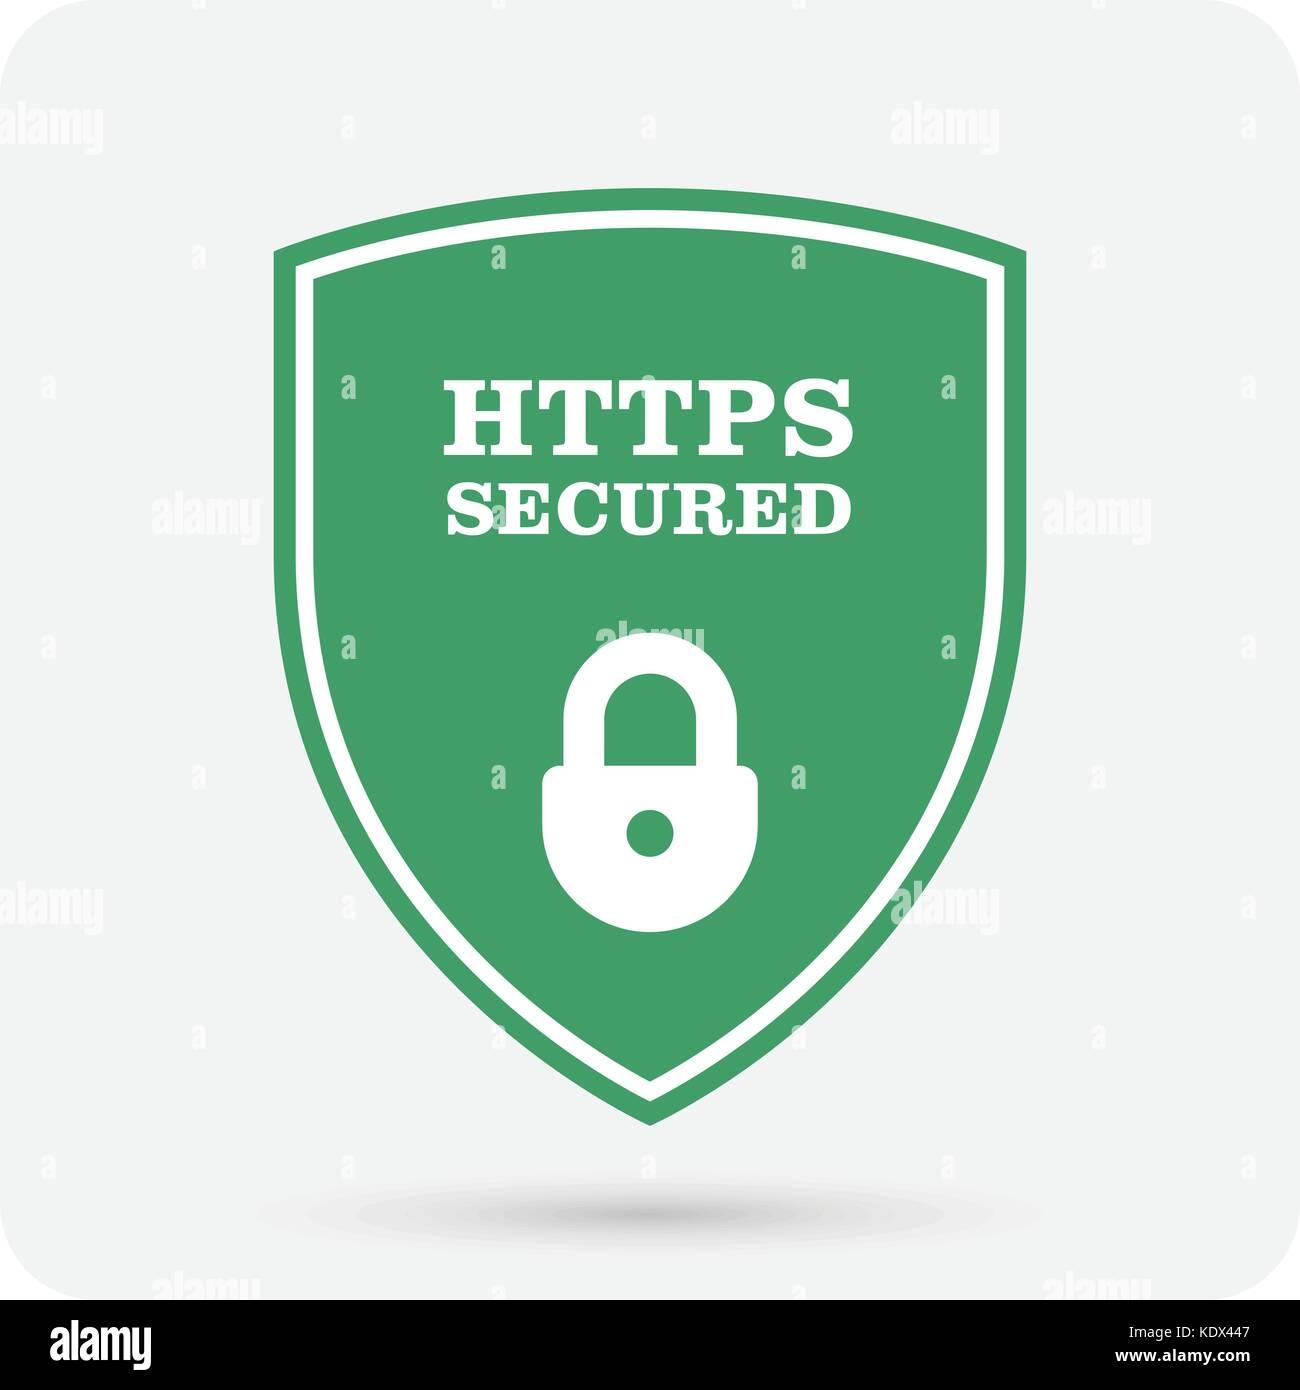 Https secure website ssl certificate shield with padlock stock https secure website ssl certificate shield with padlock 1betcityfo Image collections